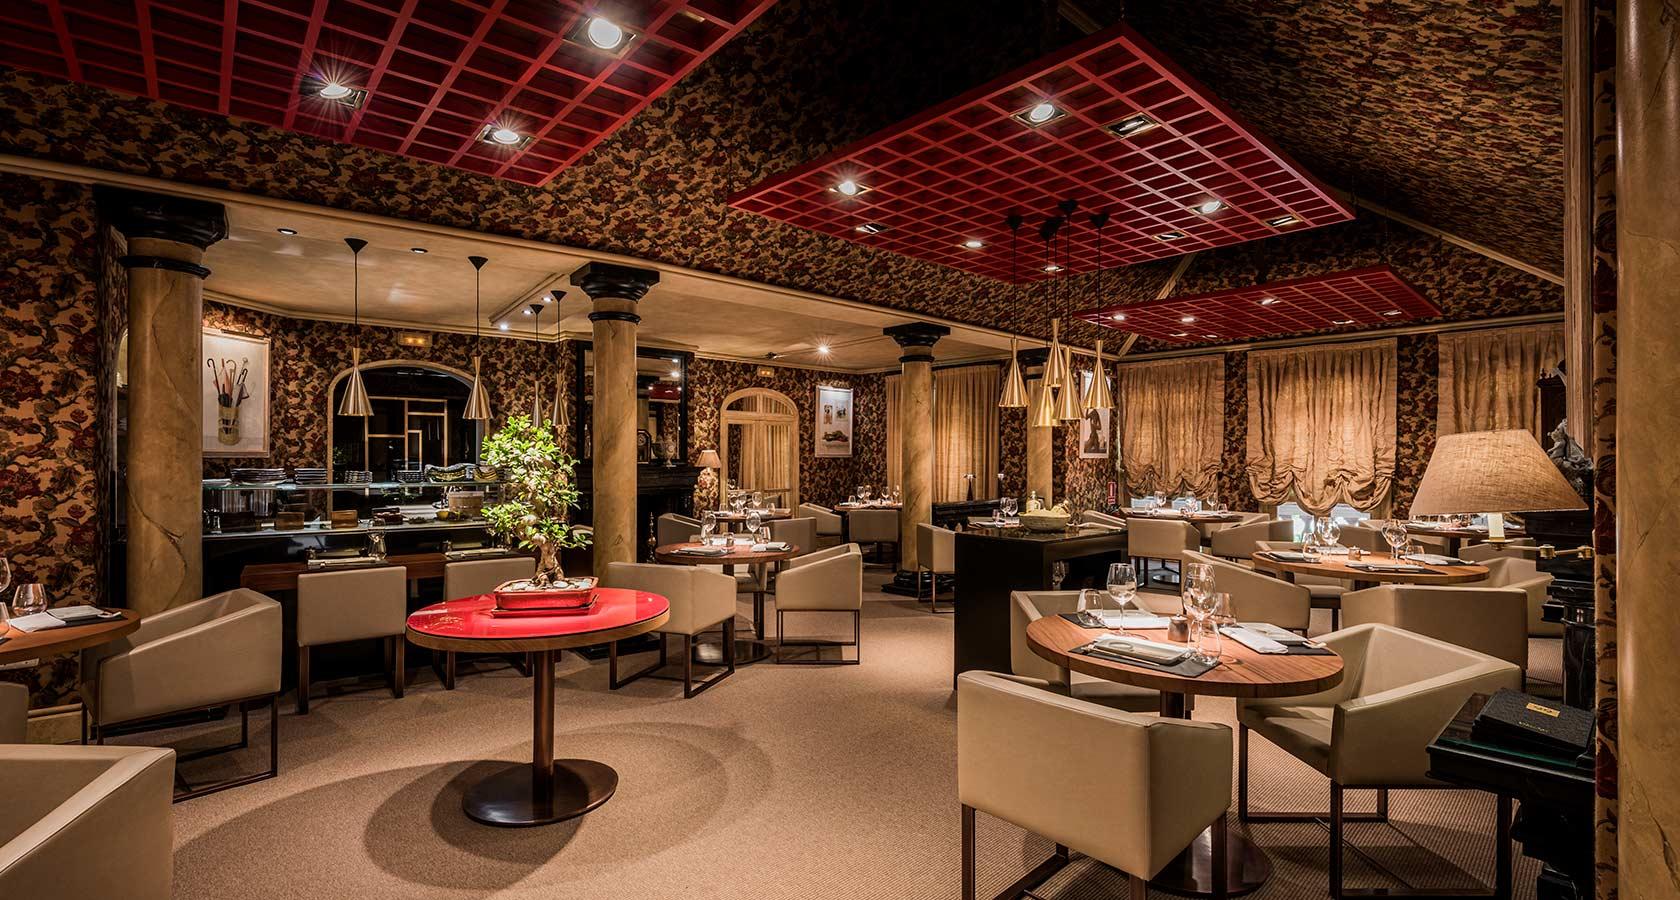 Anantara_Villa_Padierna_Marbella_99_sushi_bar